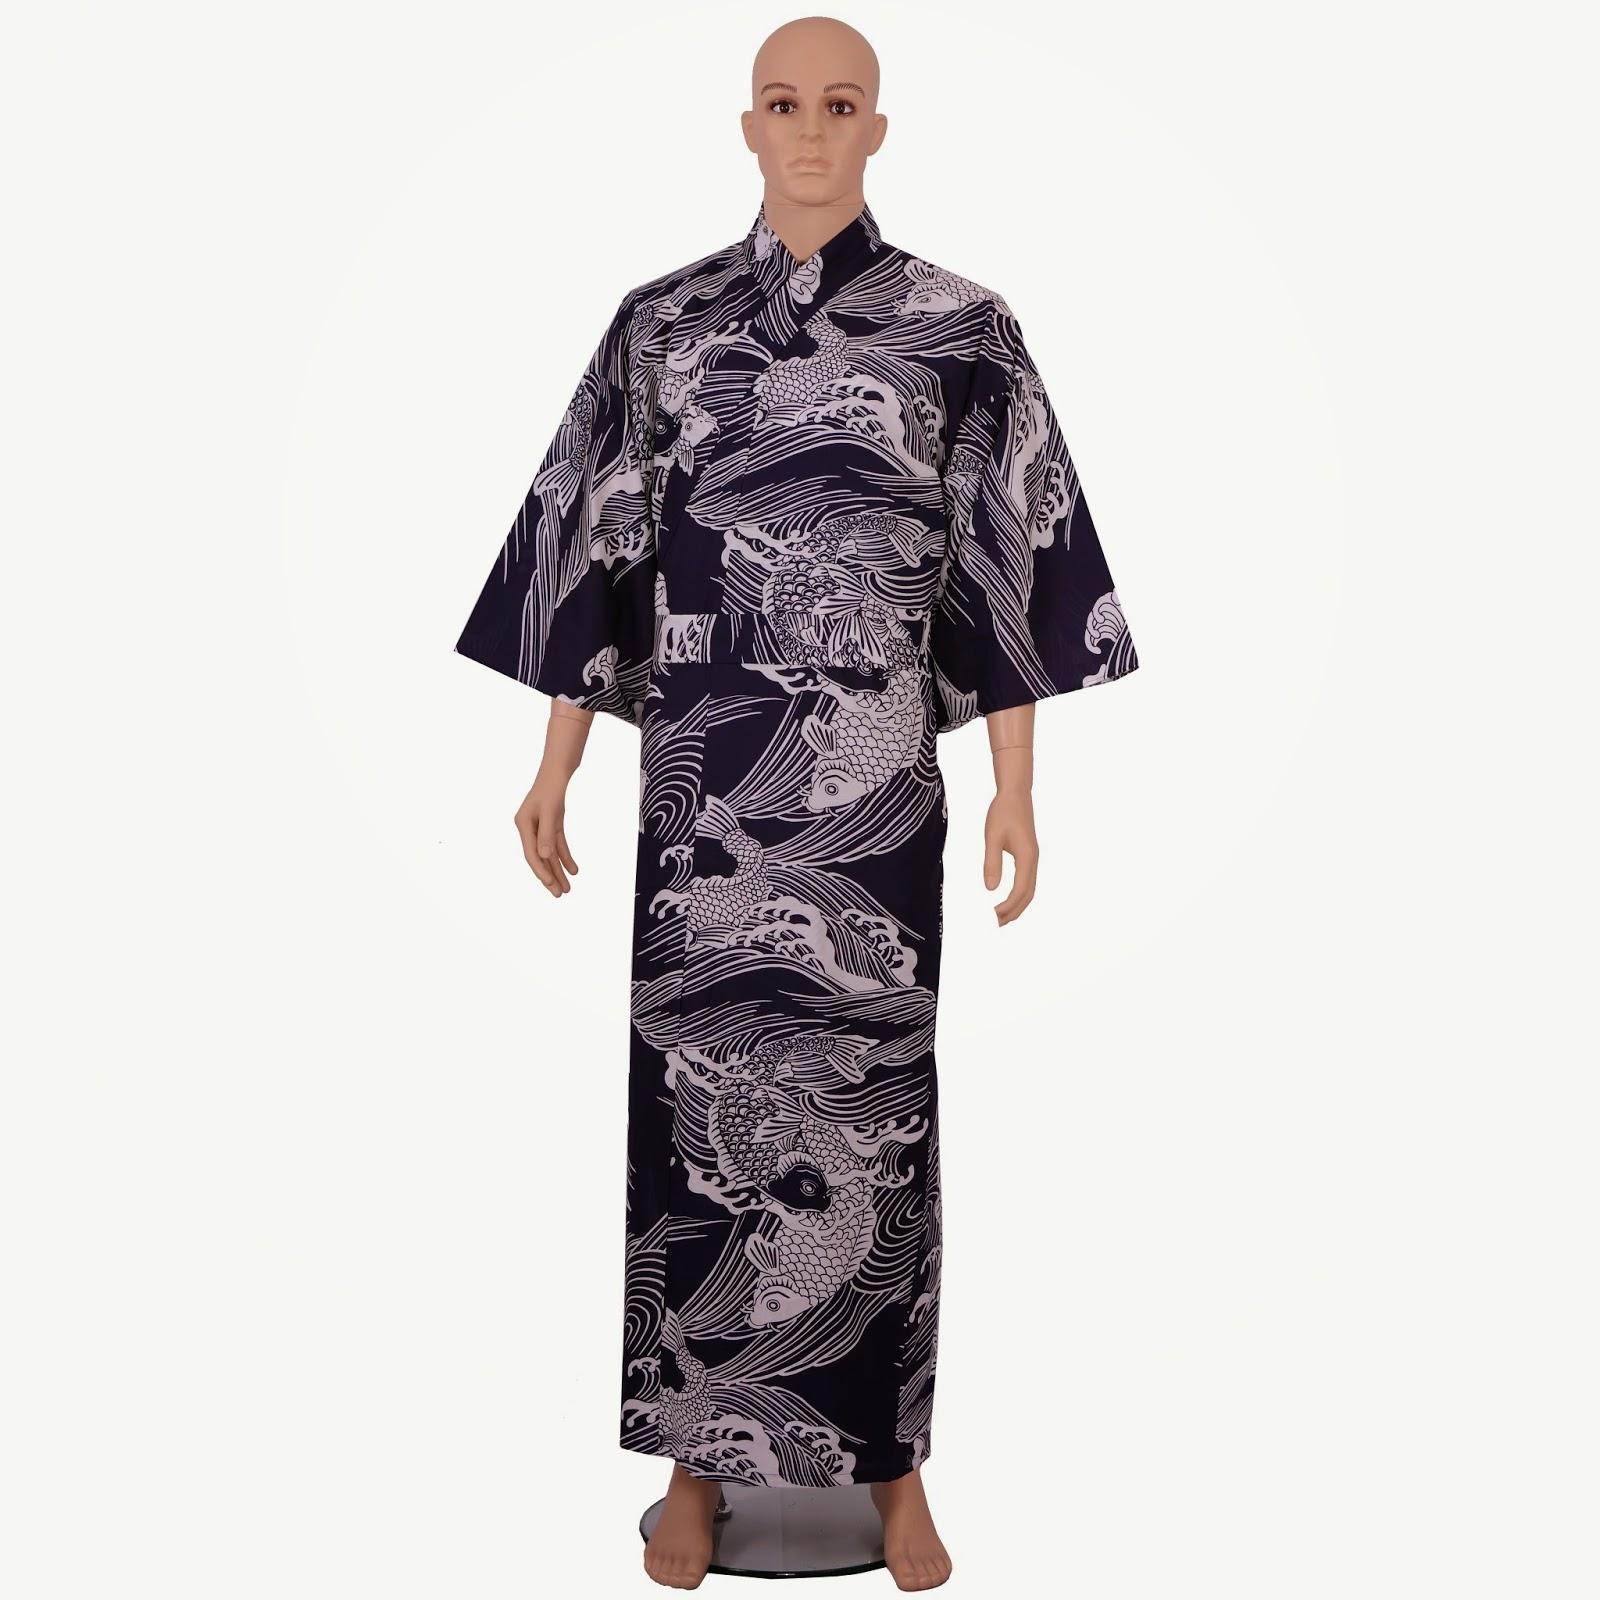 Koi cotton kimono